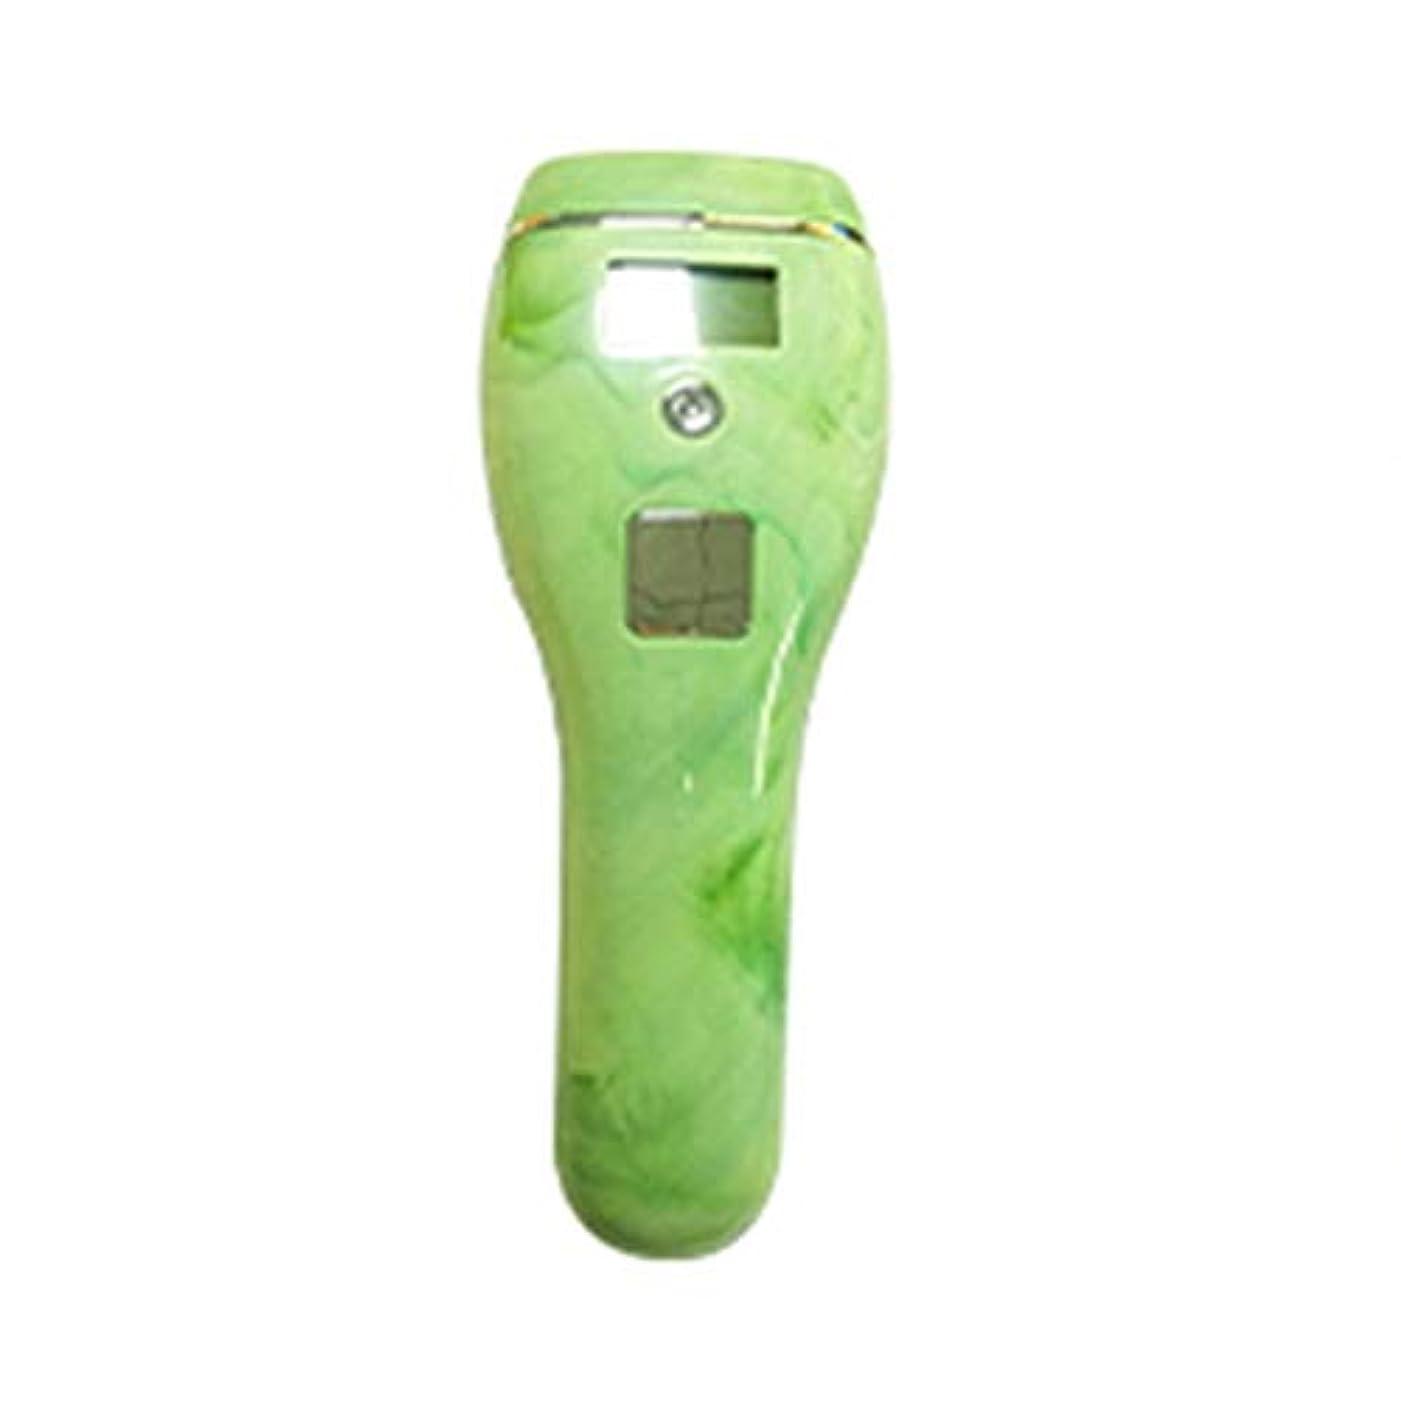 まさにイースター重量高男 自動皮膚感知グリーン、5スピード調整、石英管、ポータブル無痛全身凍結脱毛器、サイズ19x7x5cm (Color : Green)